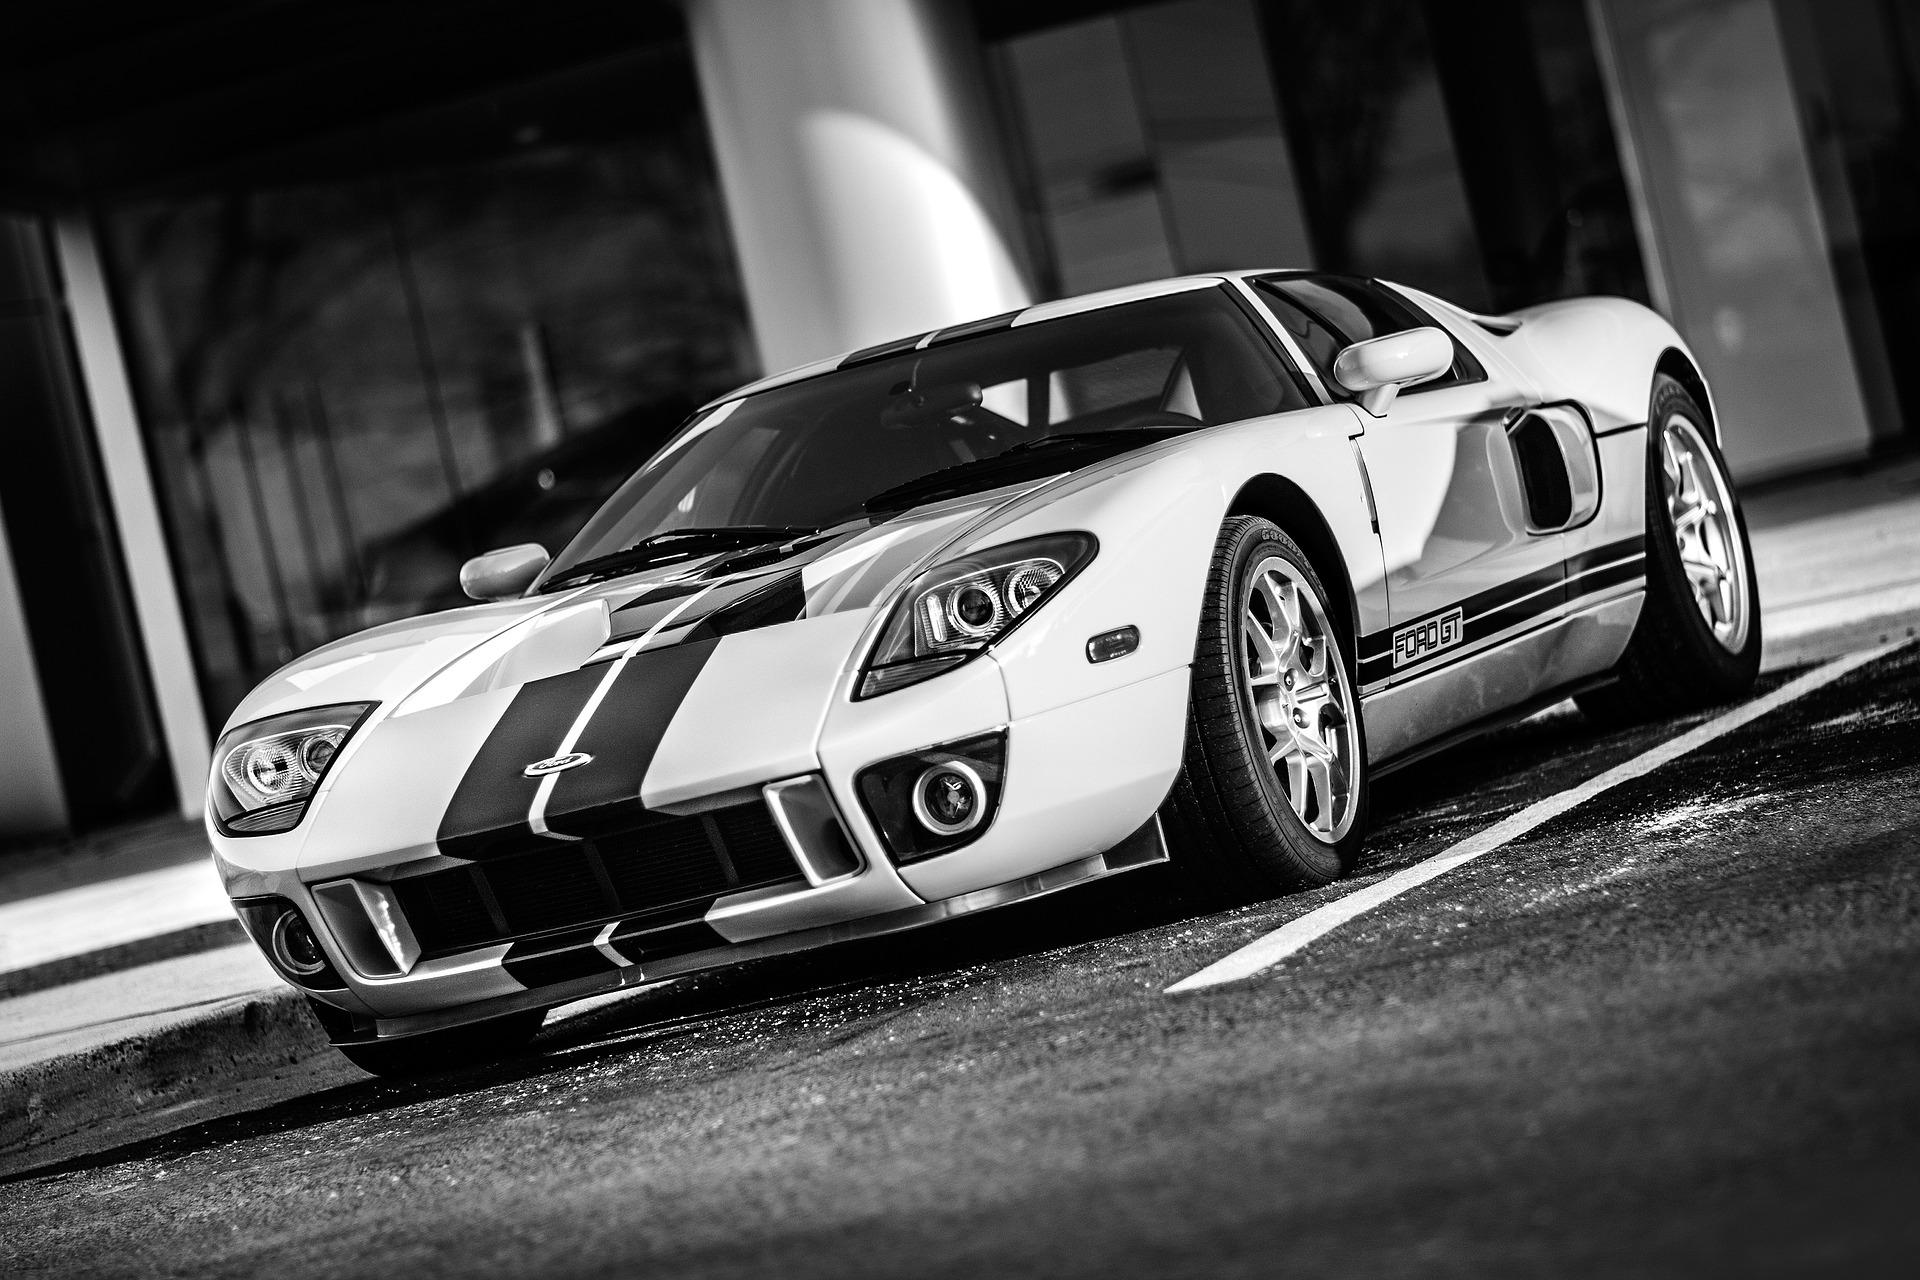 carro, Ford, GT, velocidade, automóvel, em preto e branco - Papéis de parede HD - Professor-falken.com